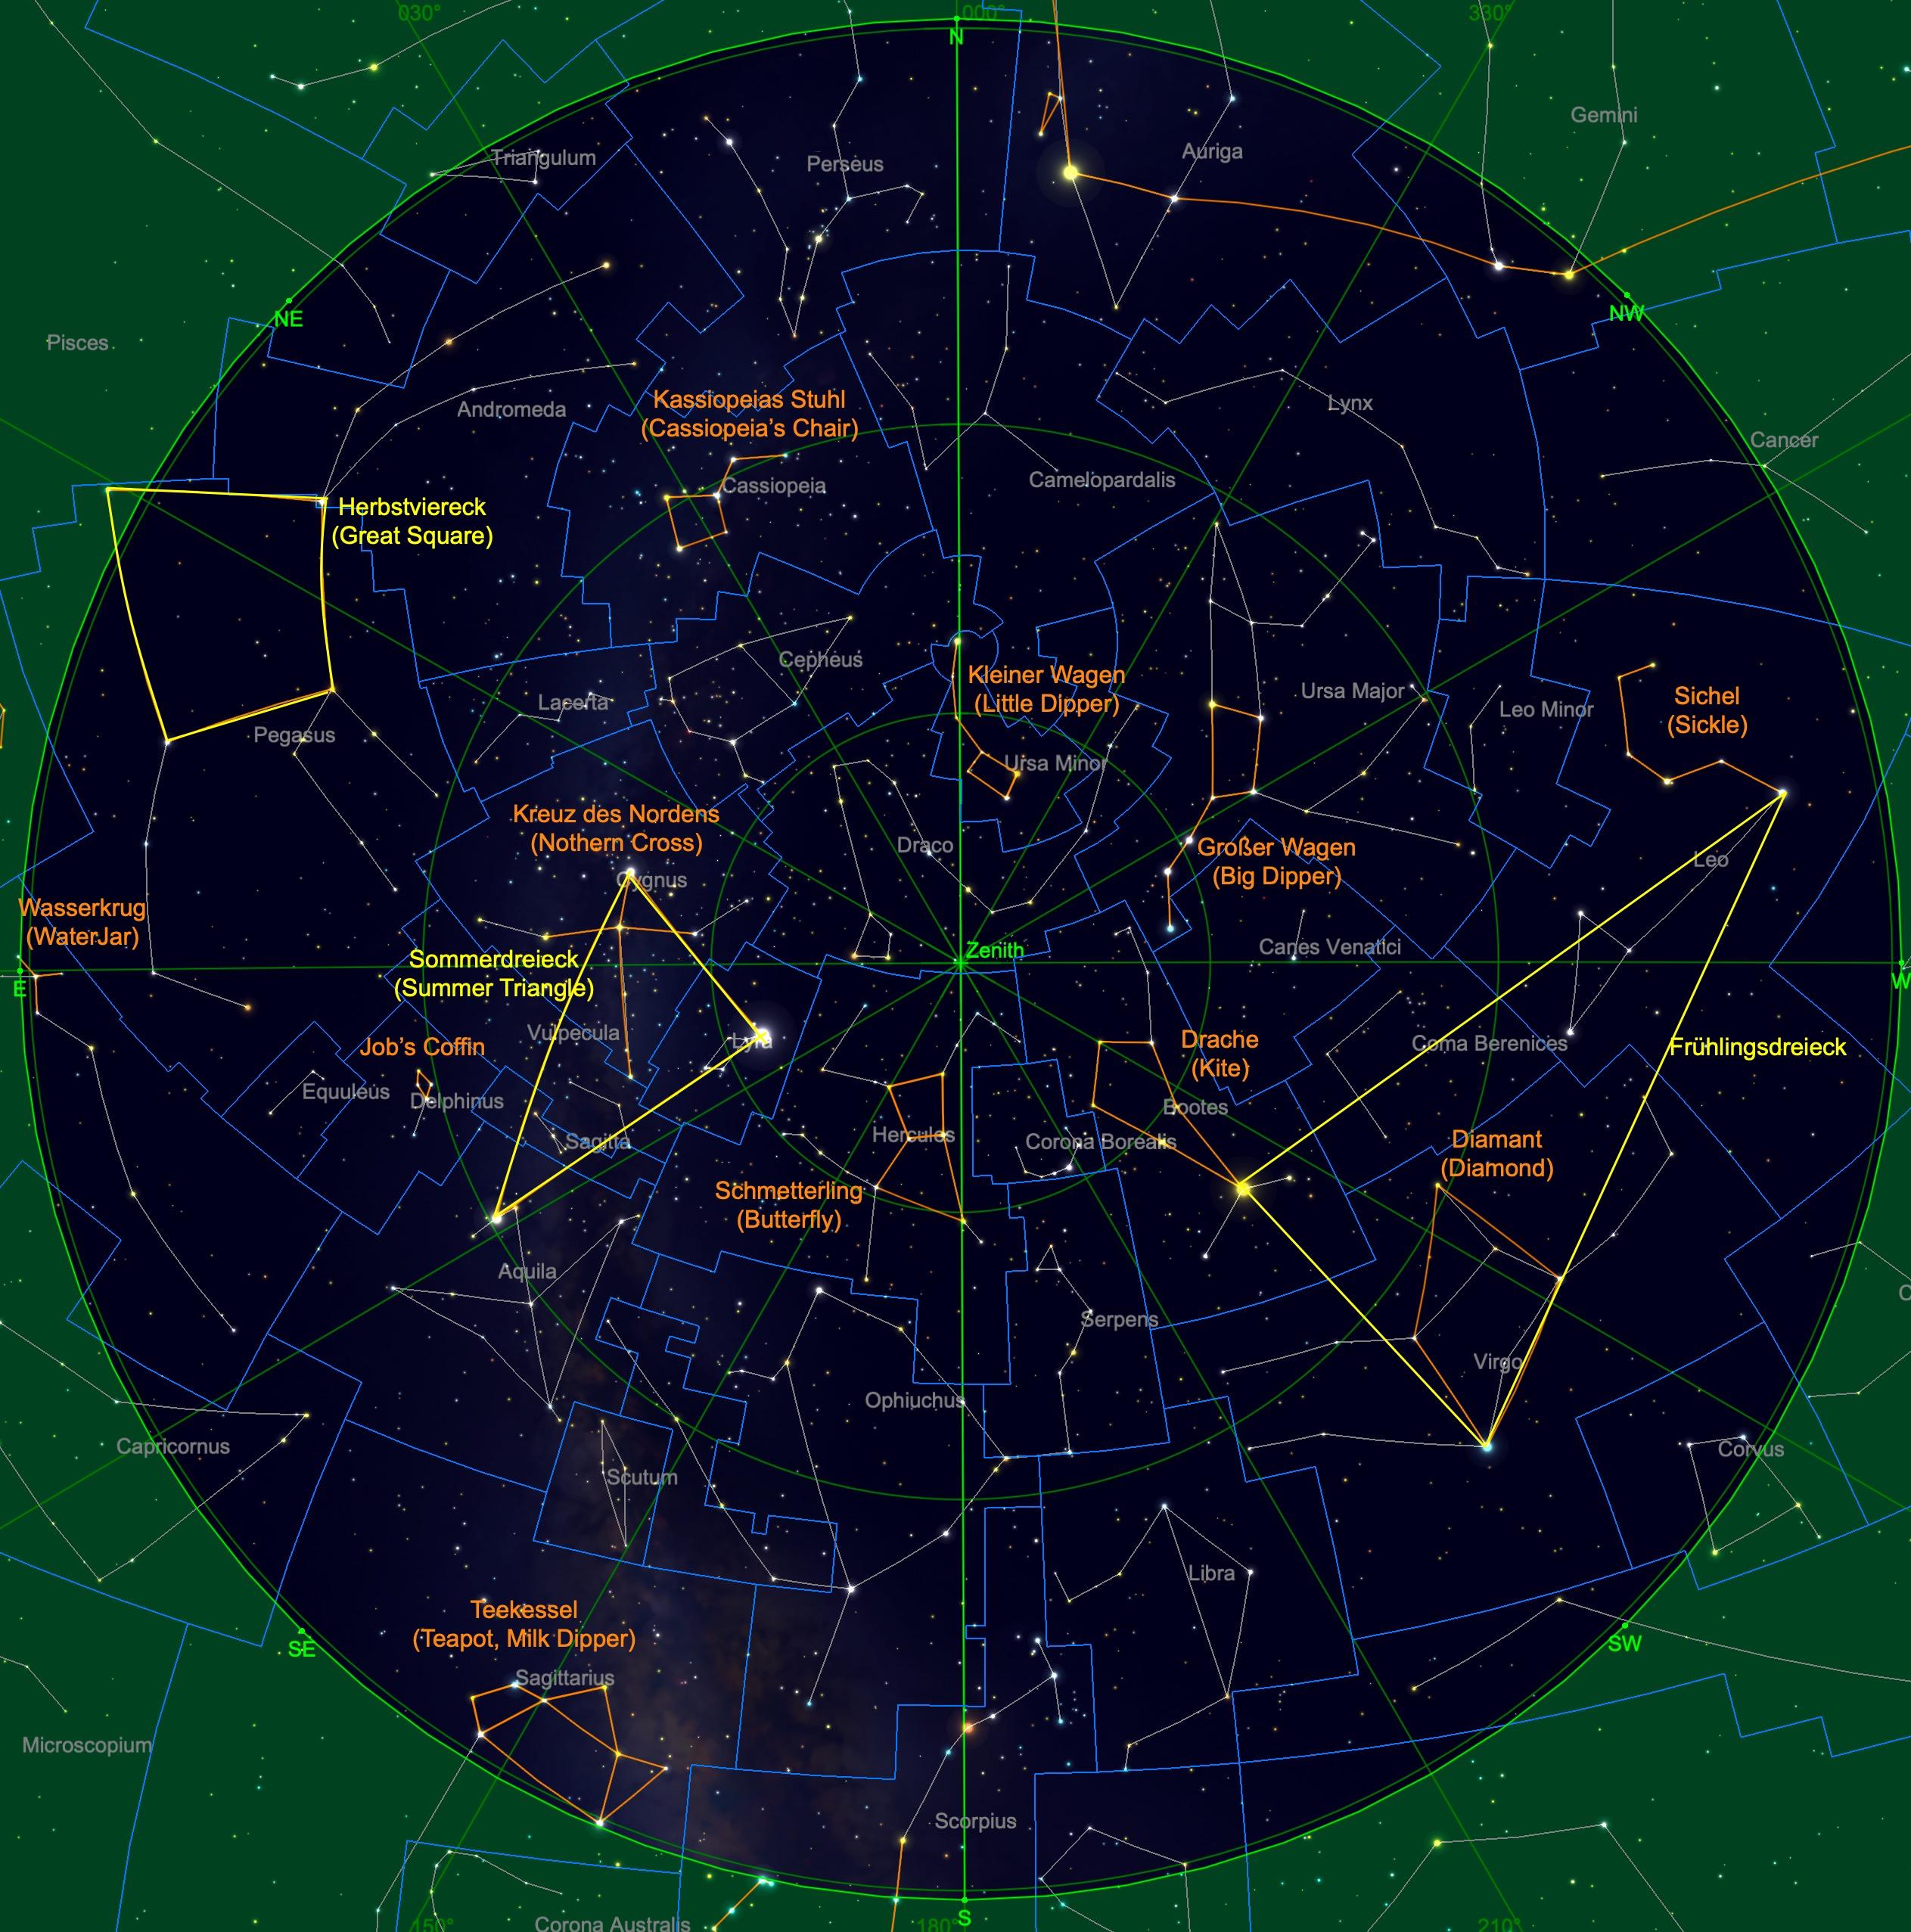 Sternhimmel am 15.07. um 23:00 Uhr